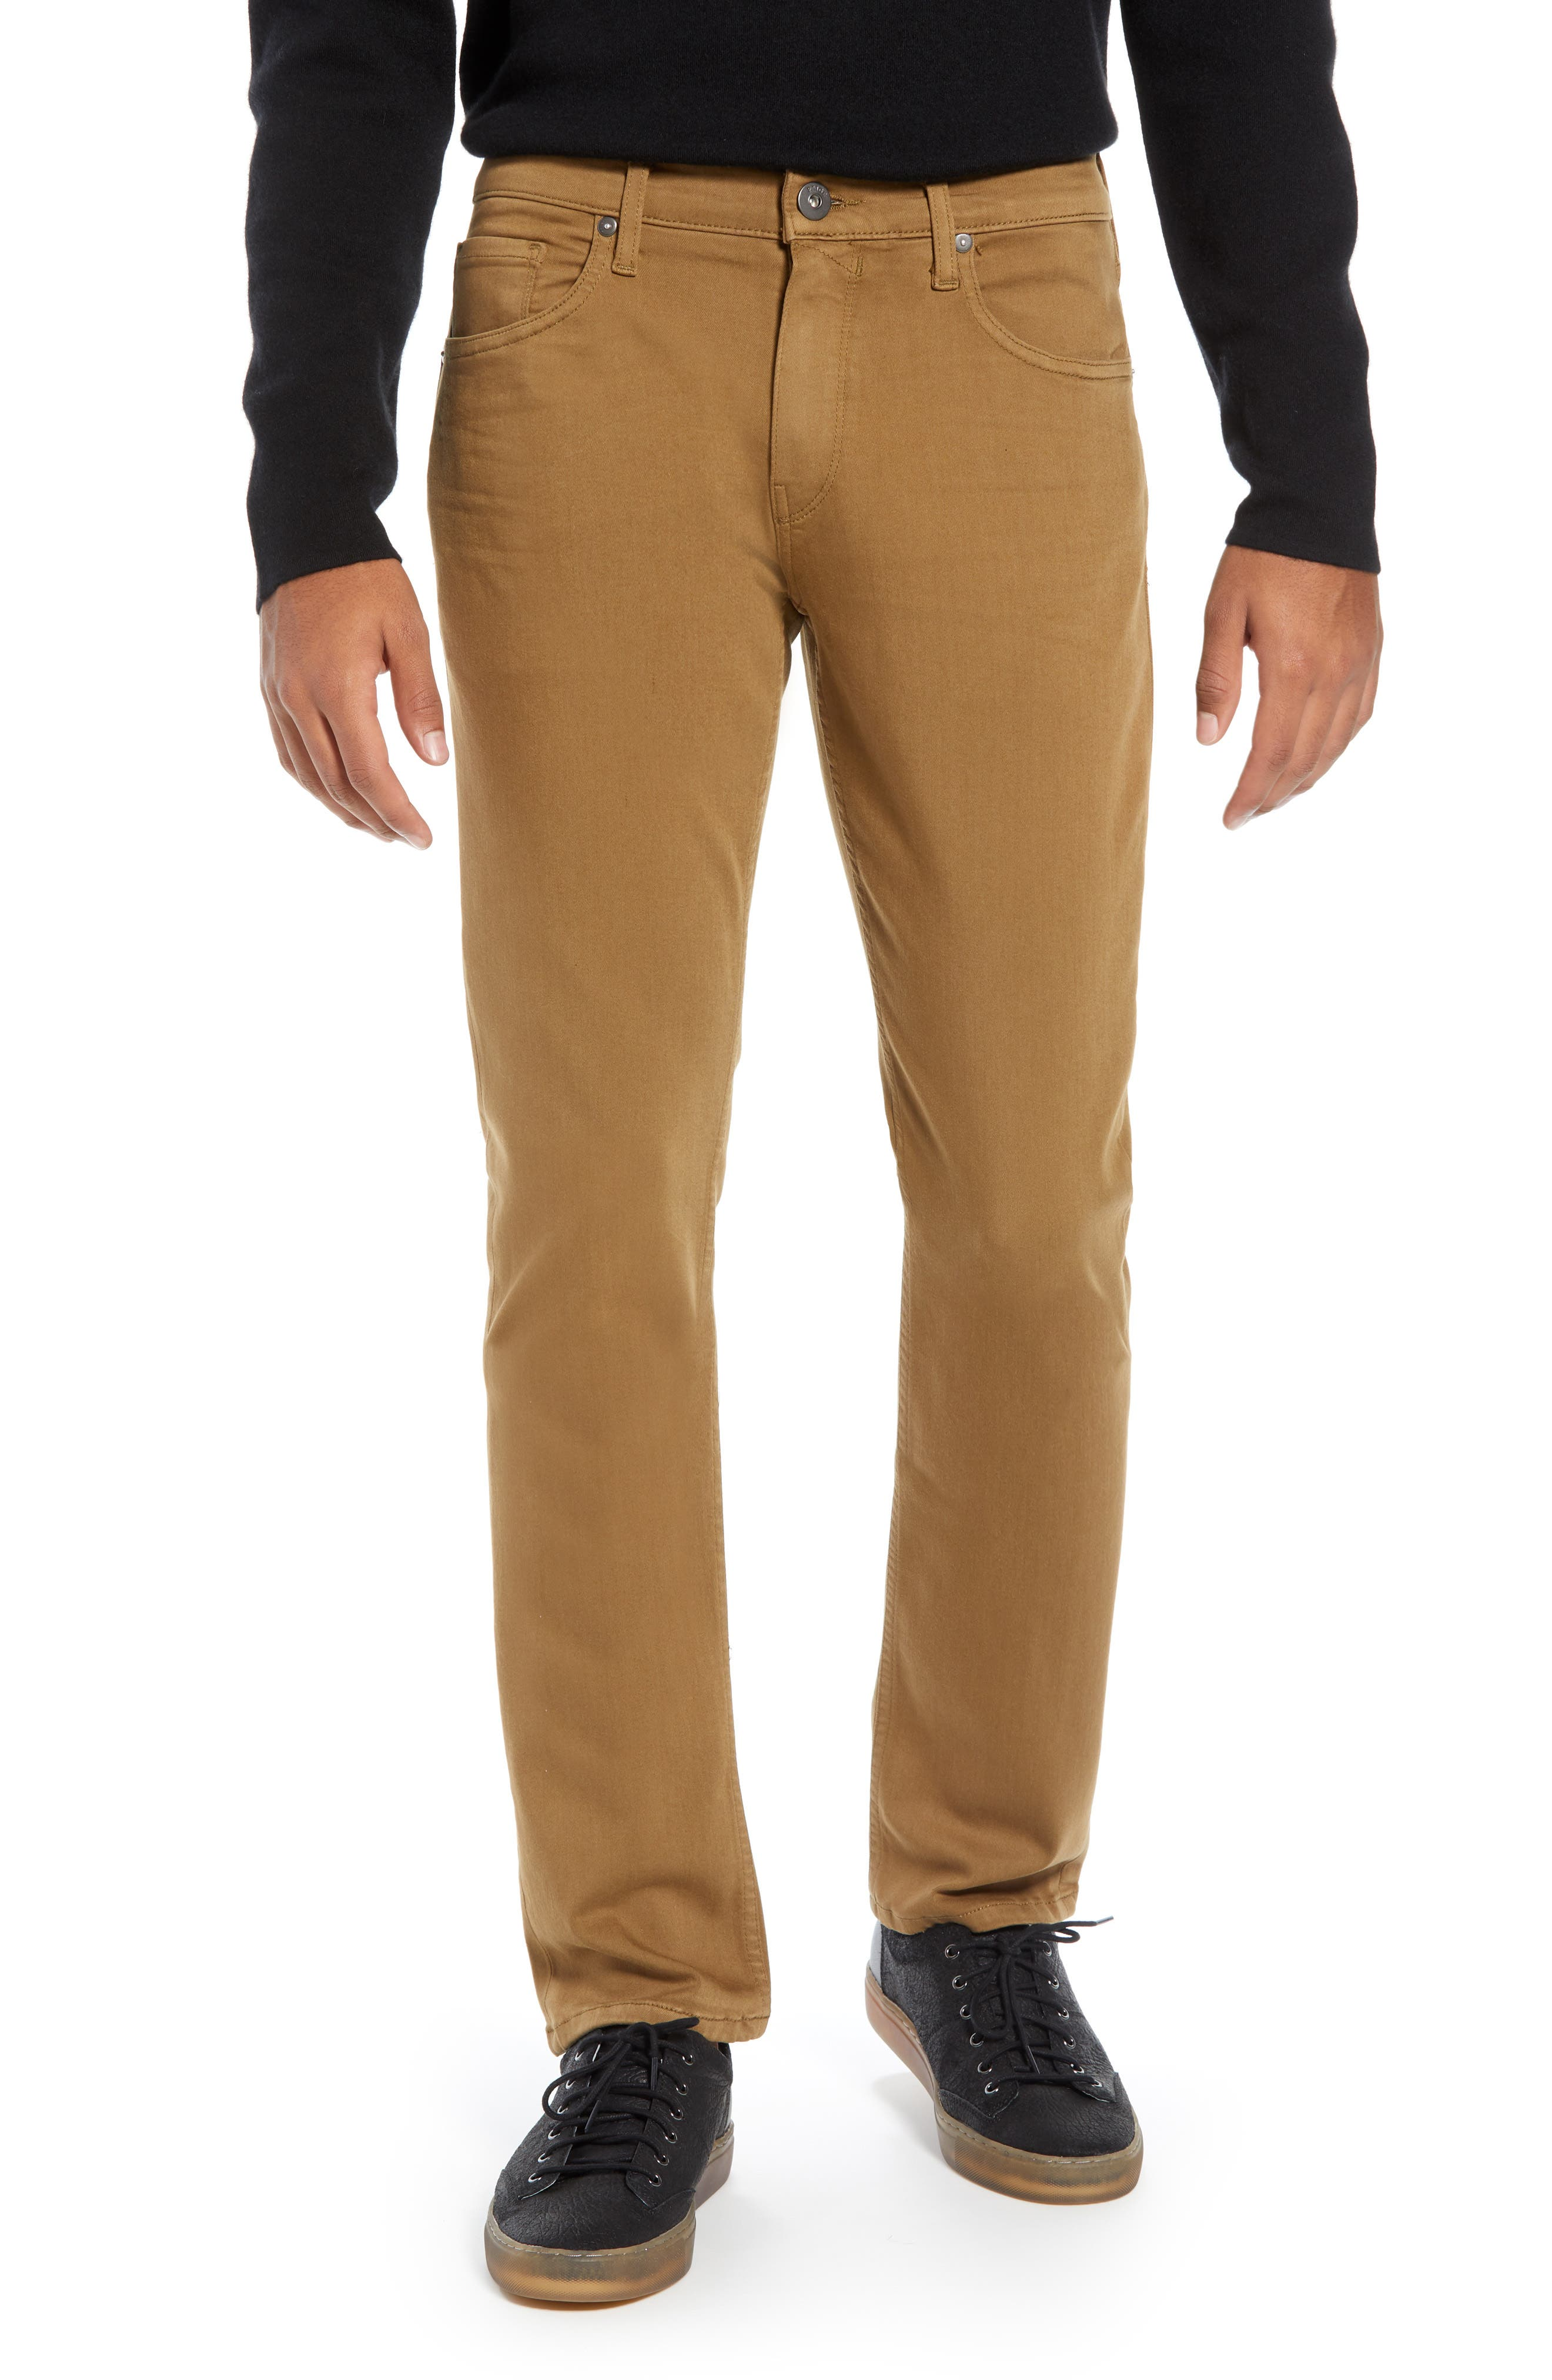 PAIGE Transcend - Federal Slim Straight Leg Jeans, Main, color, LAUREL TAN